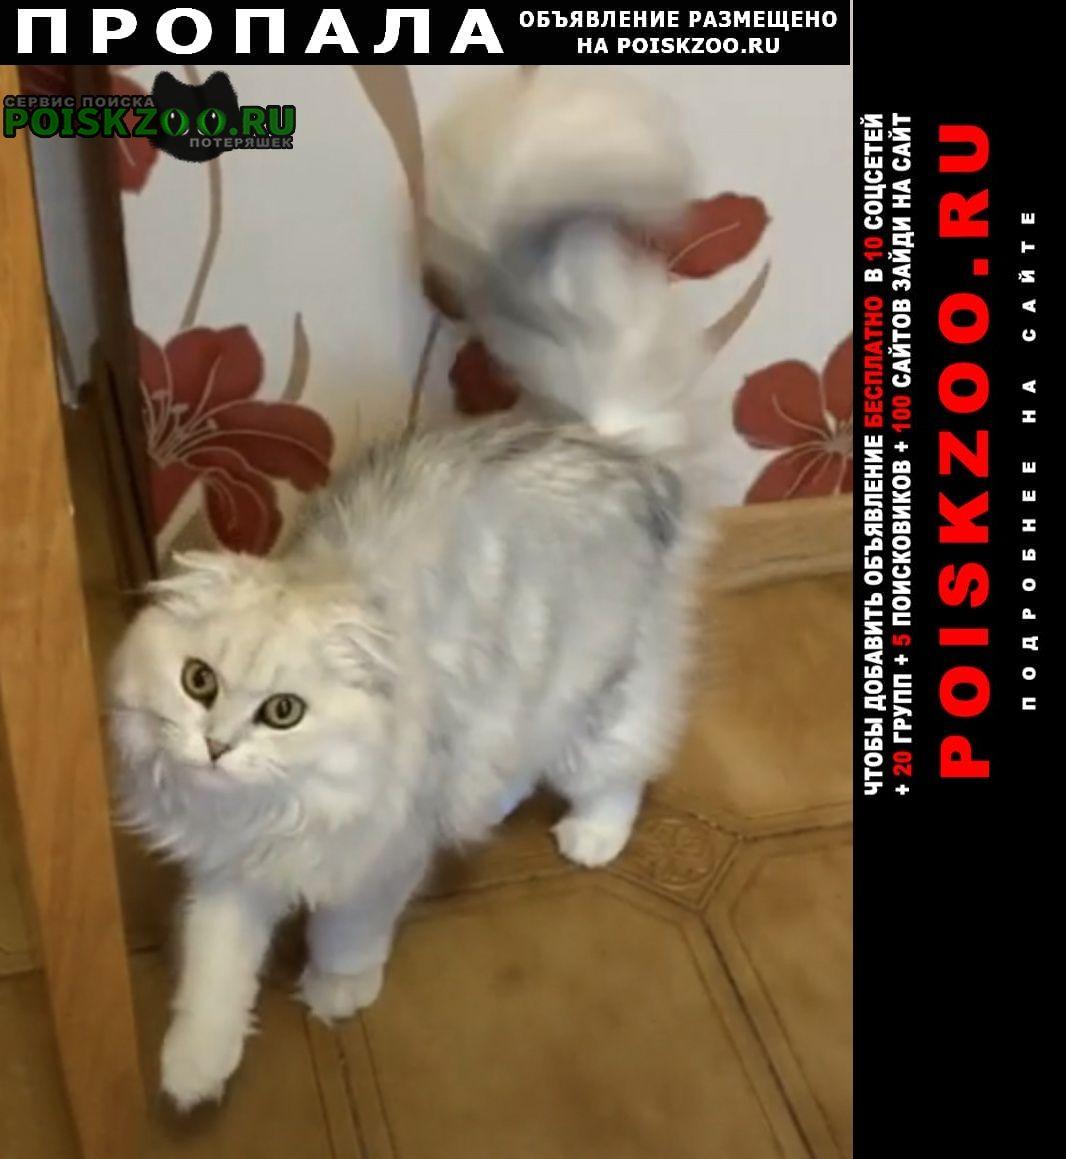 Пропала кошка белая с серым оттенком. вислоухая. Видное